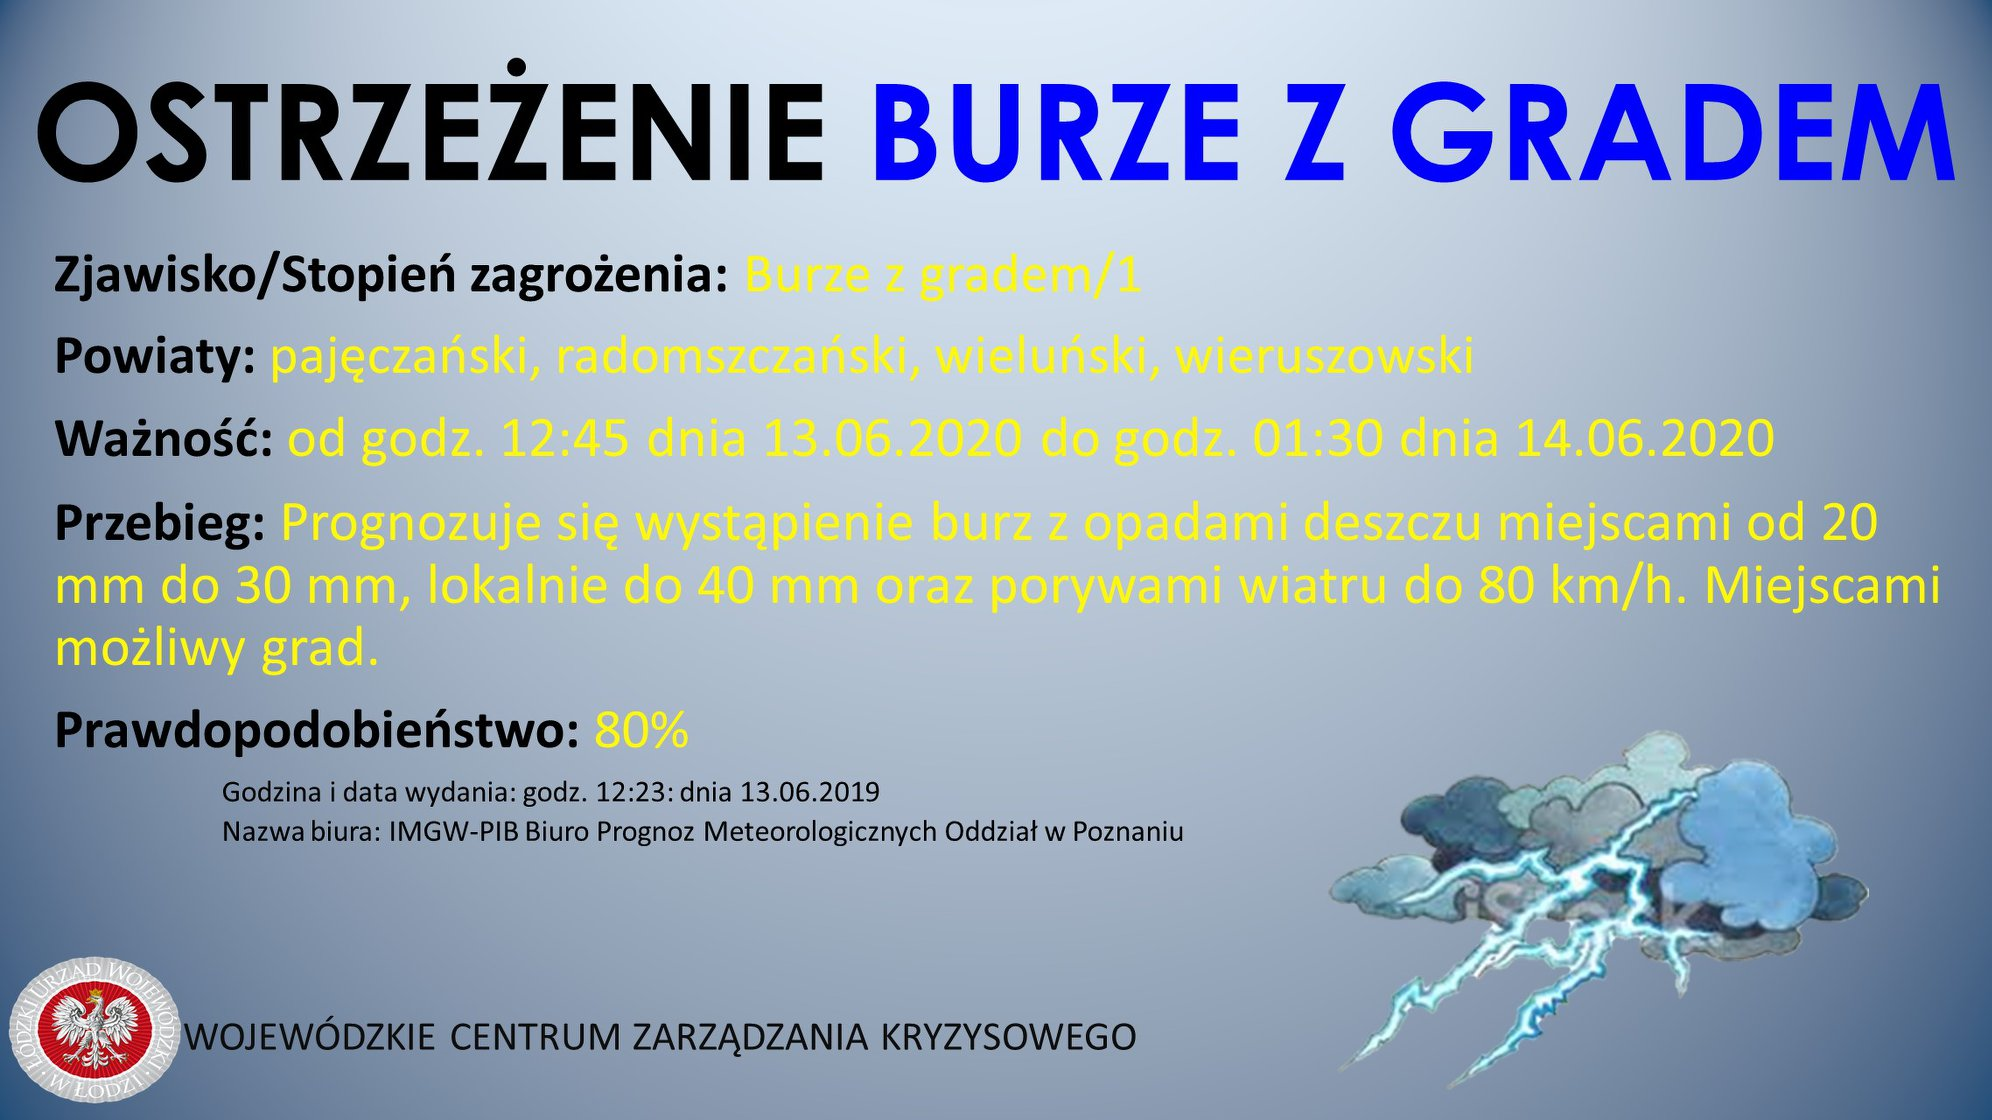 Ostrzeżenie meteorologiczne  Zjawisko/Stopień zagrożenia: Burze z gradem/1  Powi...